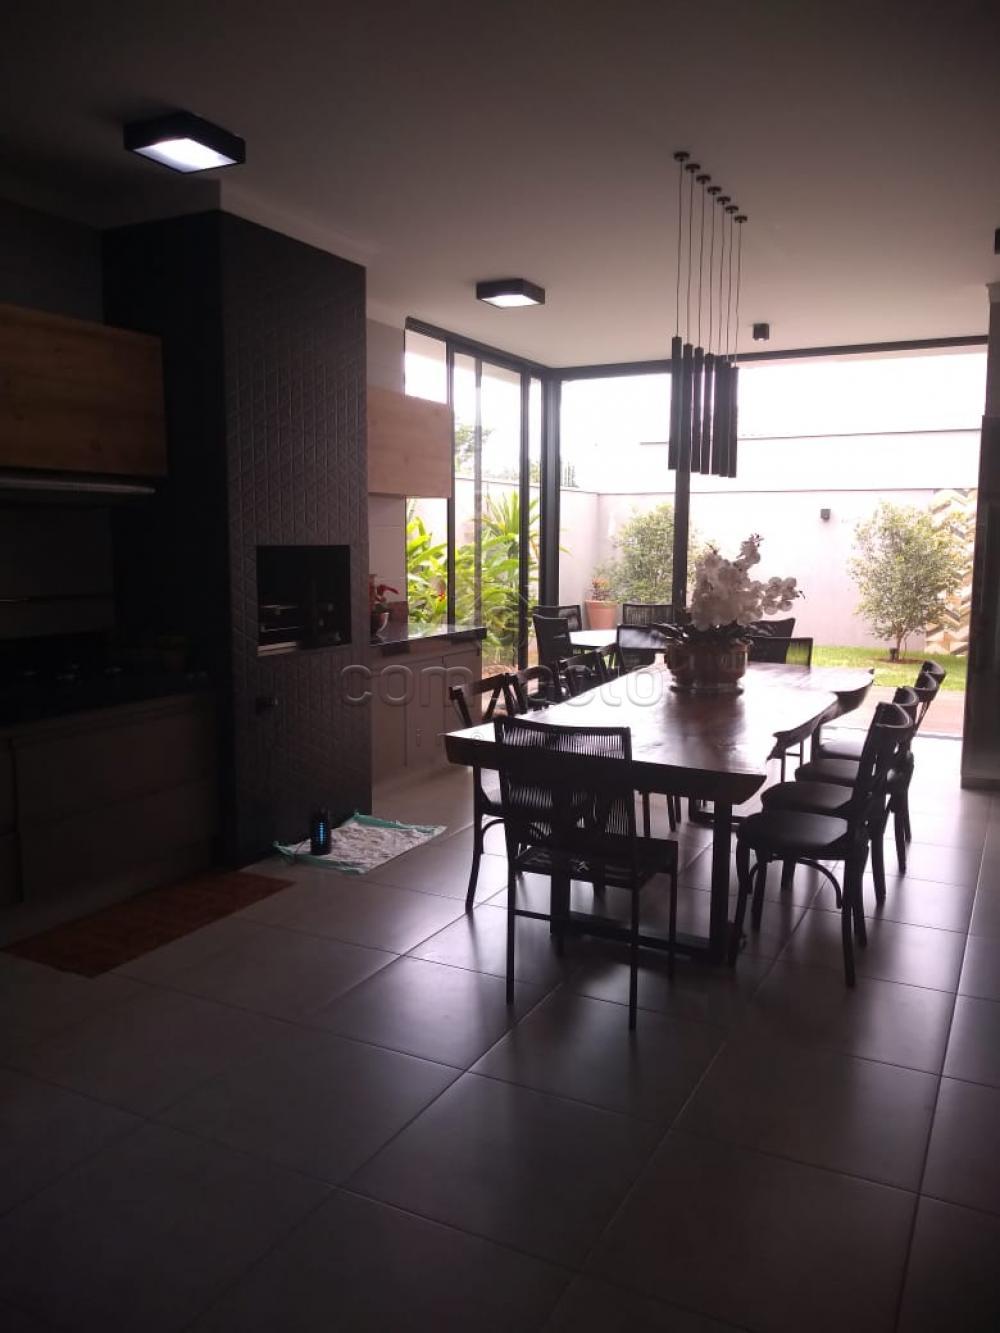 Comprar Casa / Condomínio em São José do Rio Preto apenas R$ 710.000,00 - Foto 18